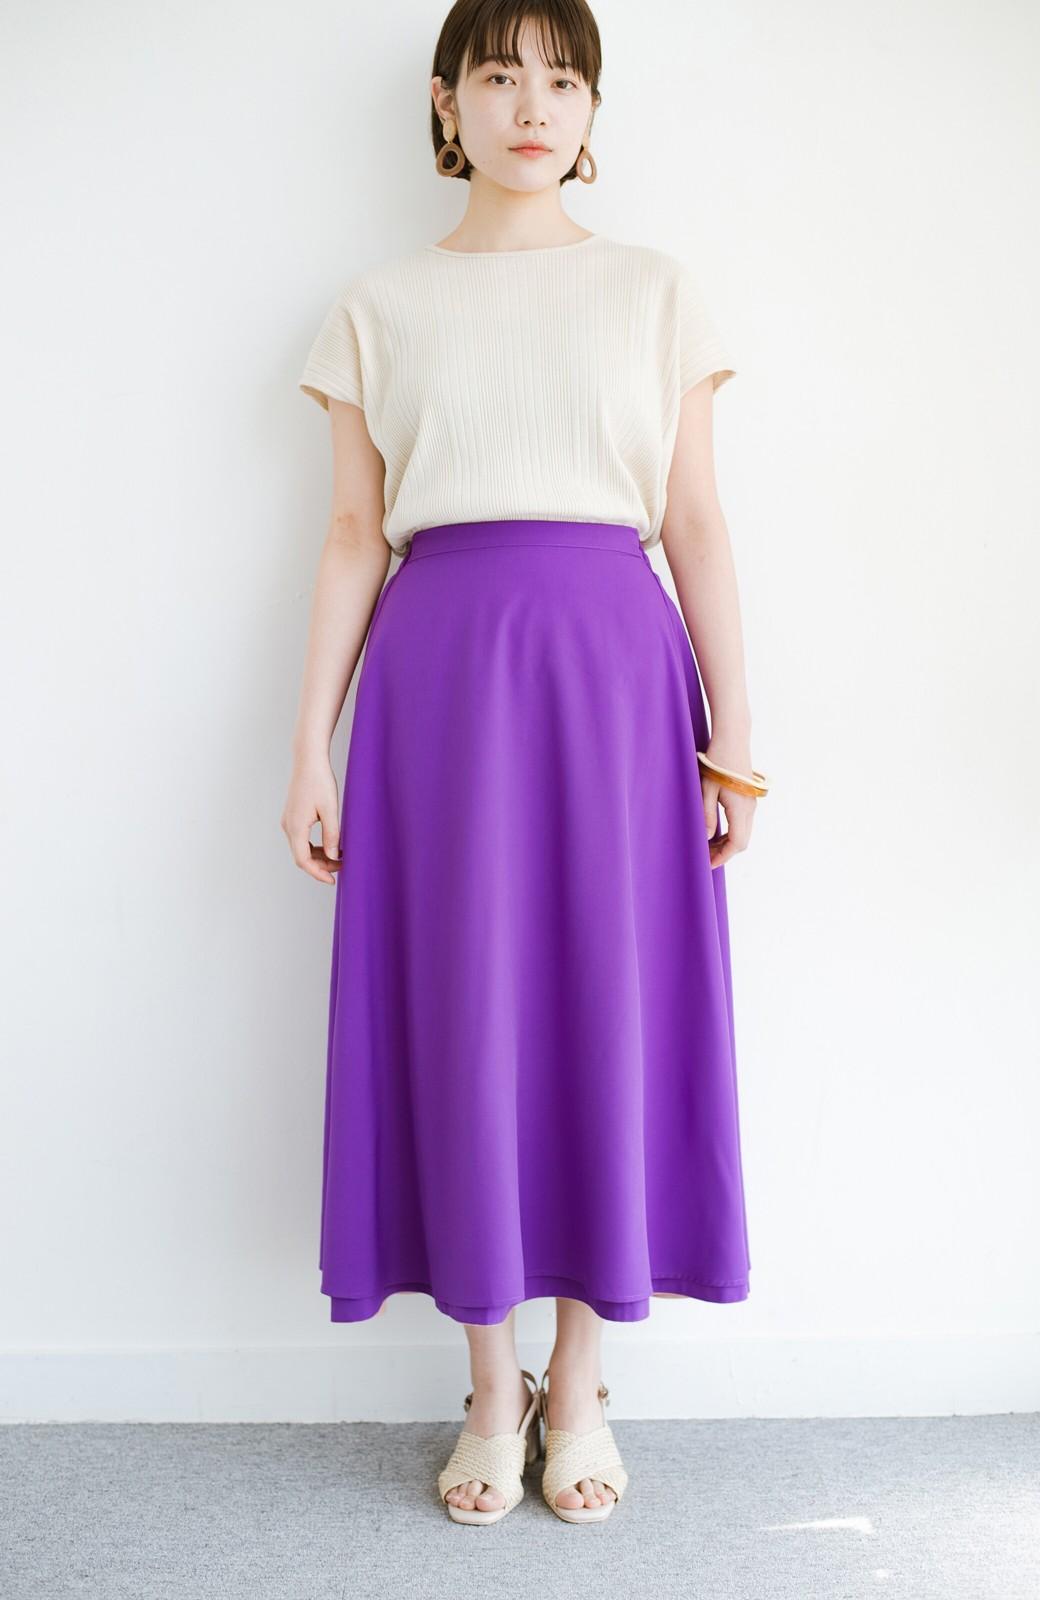 haco! オフィスにもデートにも! 便利なのはきれいに見えて楽ちんなリバーシブルスカート <ピンク系その他>の商品写真21